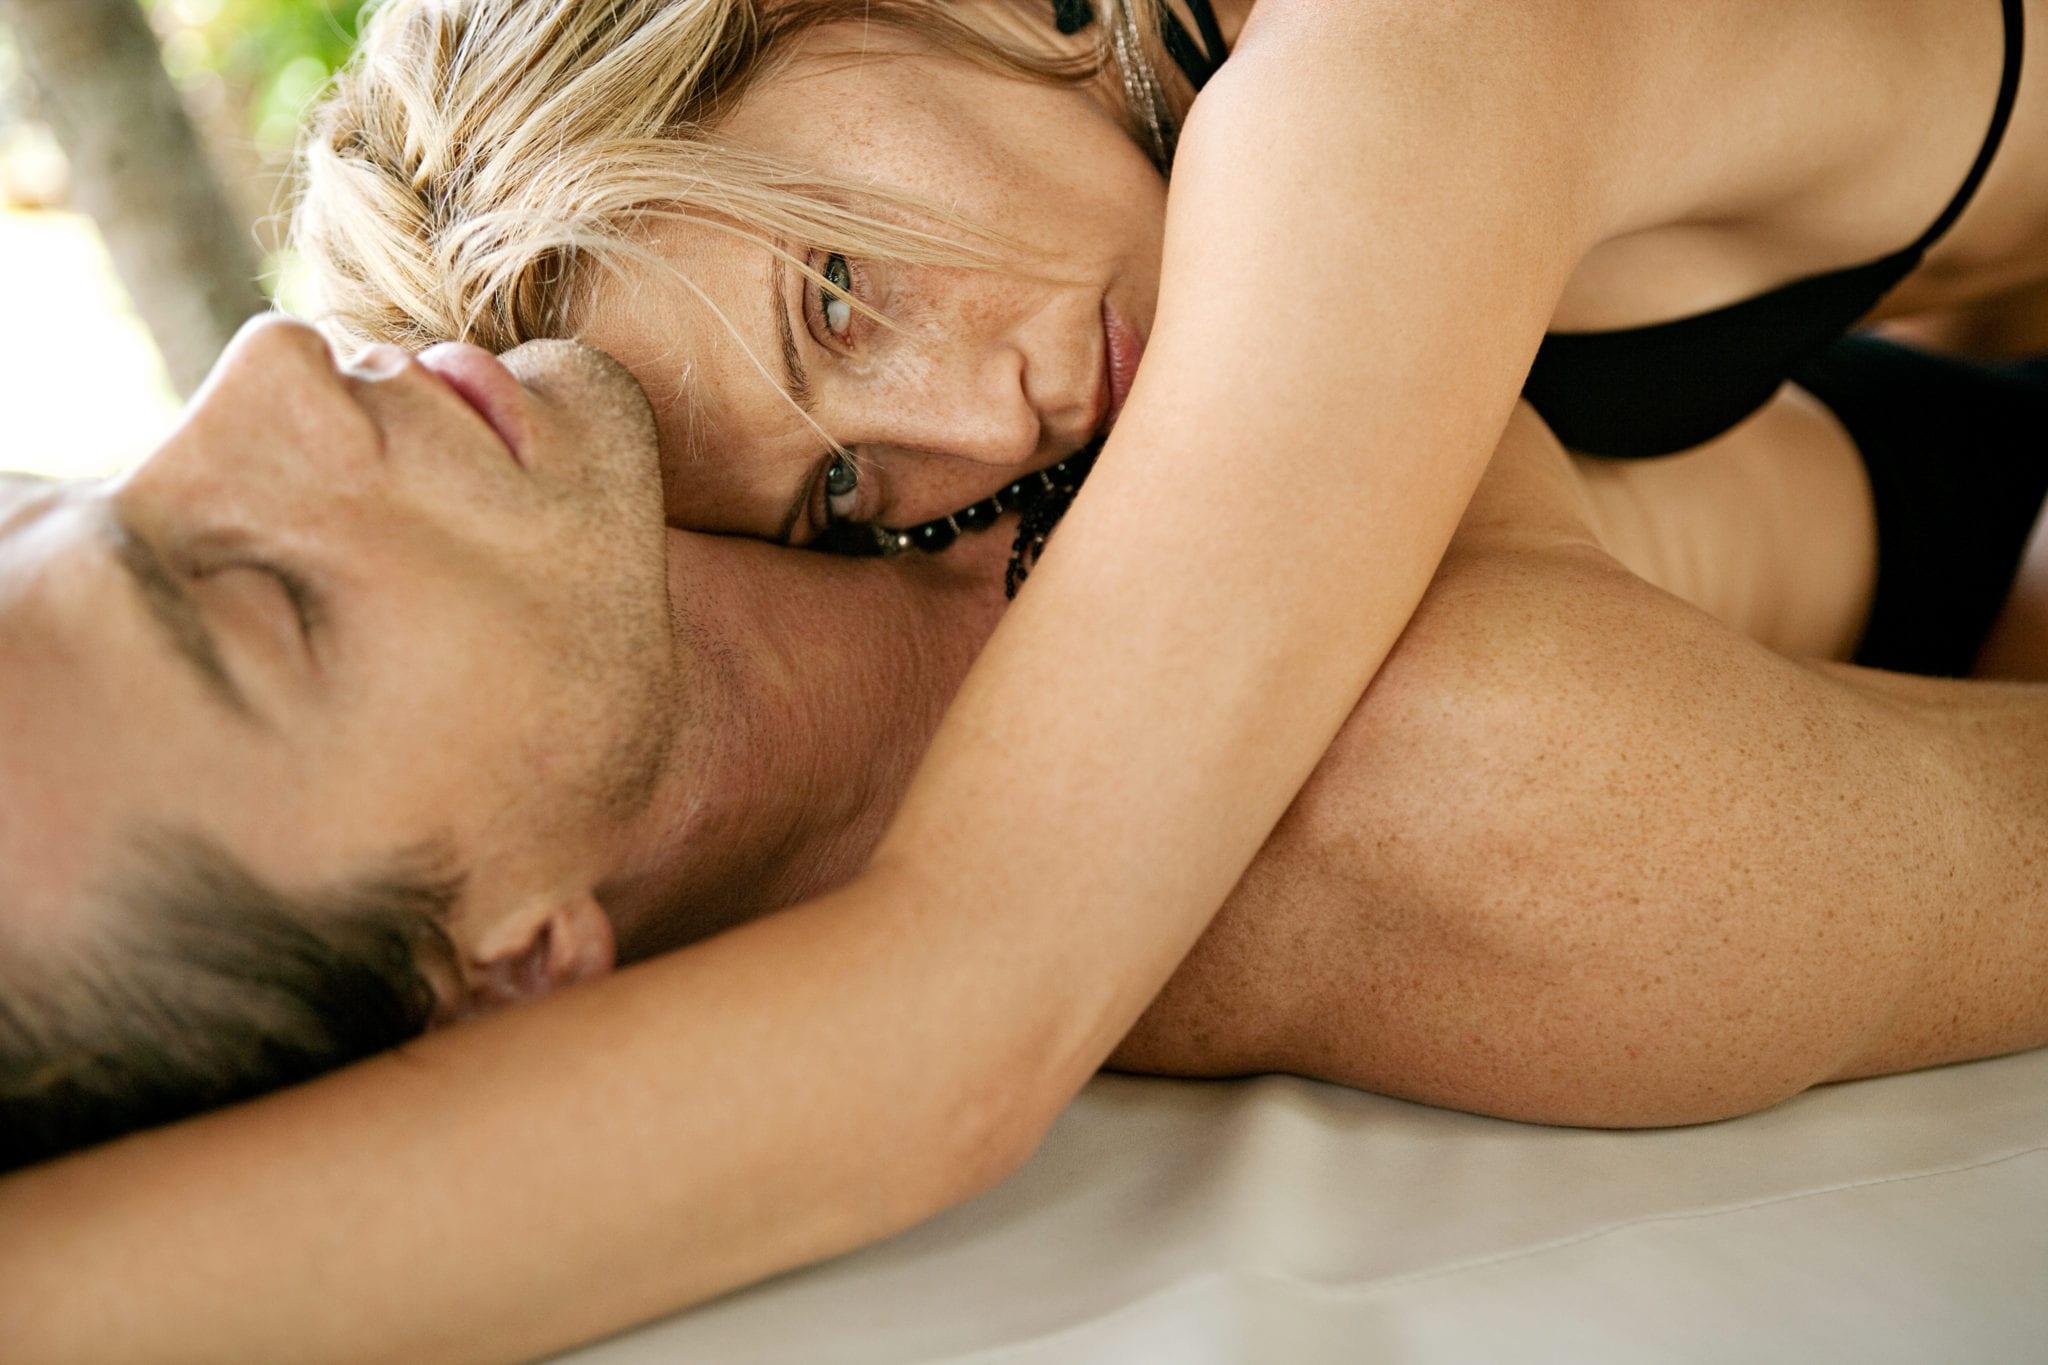 co to znaczy tryskać podczas seksu filmy porno shemale wielki kutas